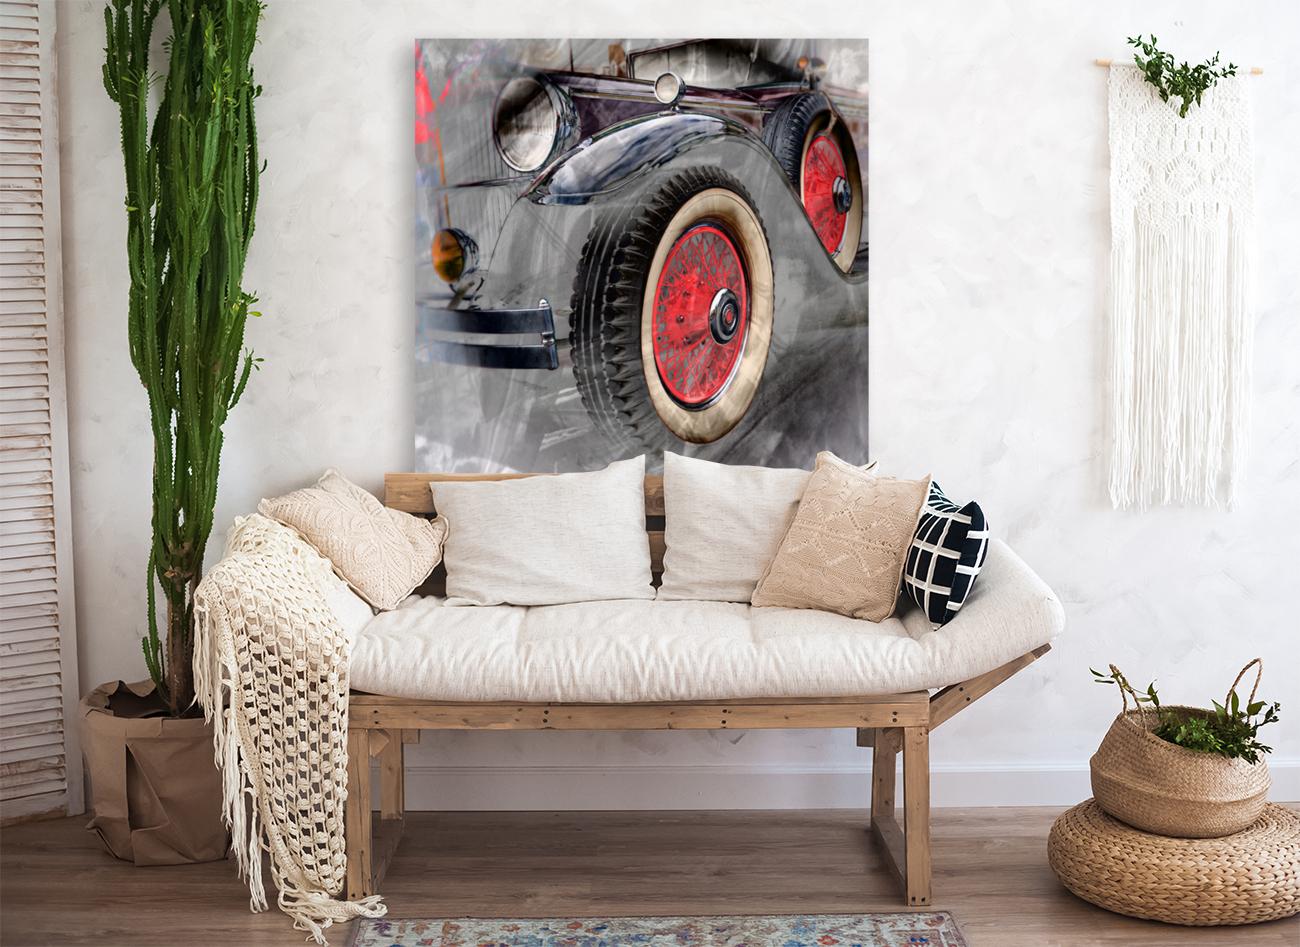 1930 Packard  Art